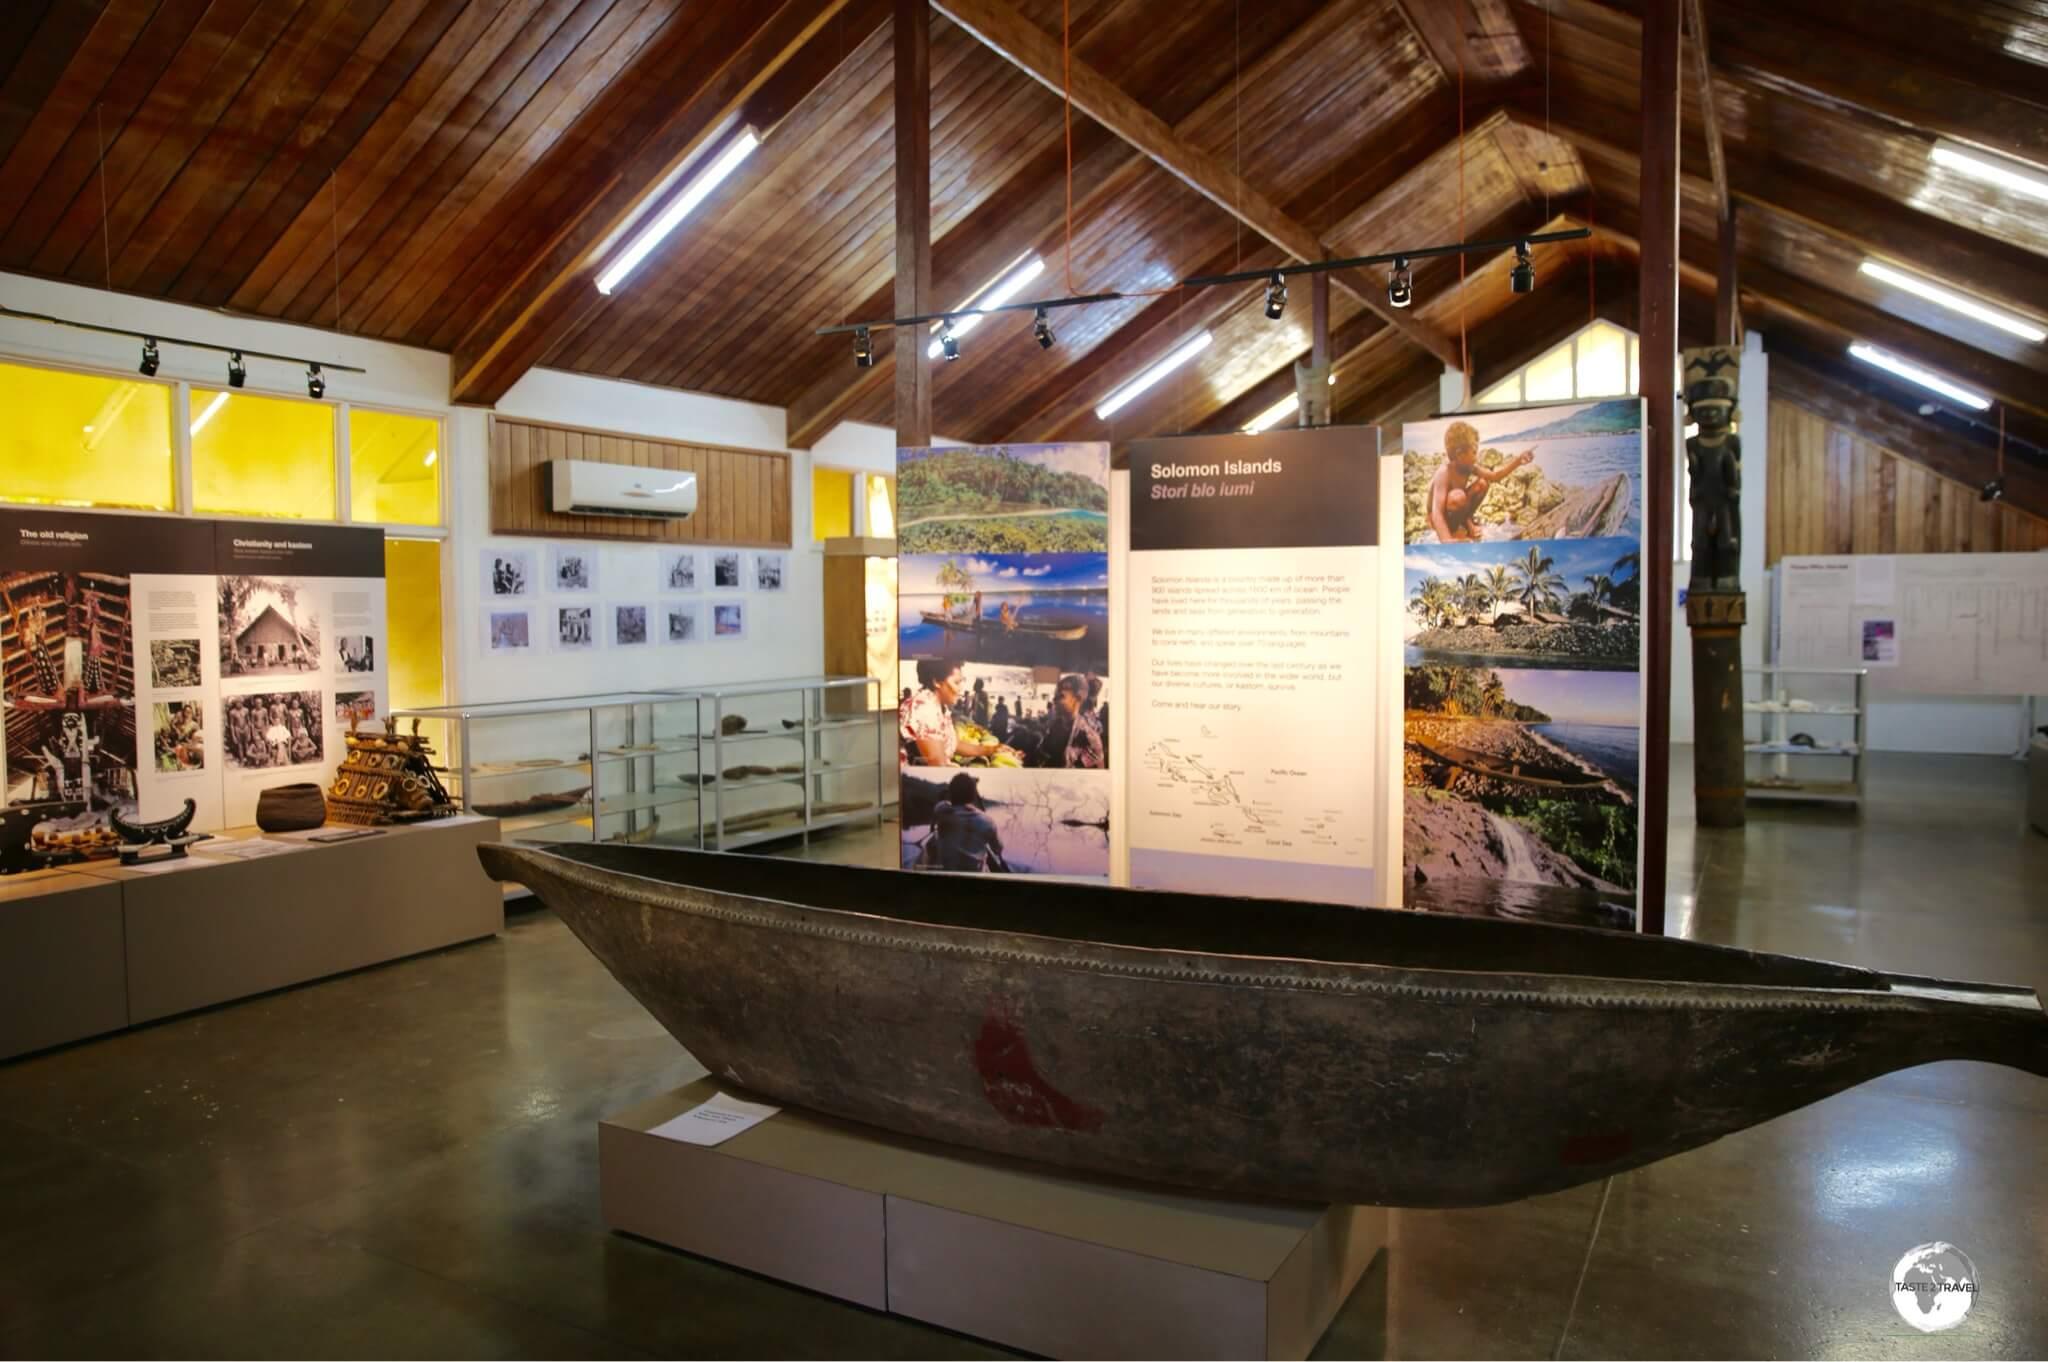 Displays at the Solomon Islands National Museum in Honiara.